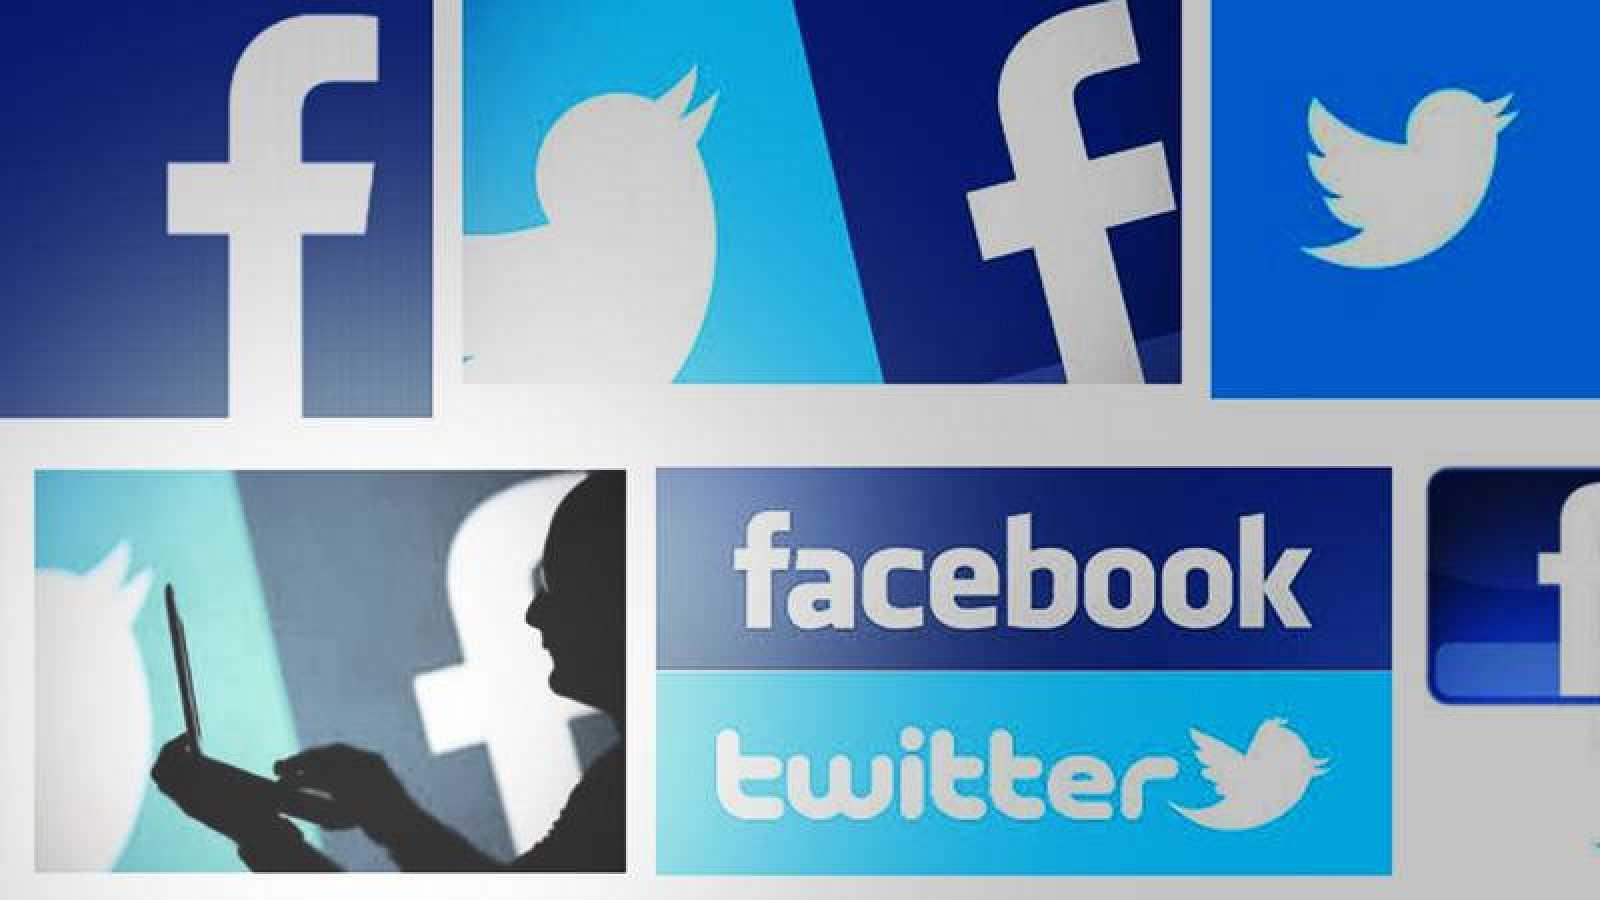 Logotipos de Twitter y Facebook en una búsqueda de Google